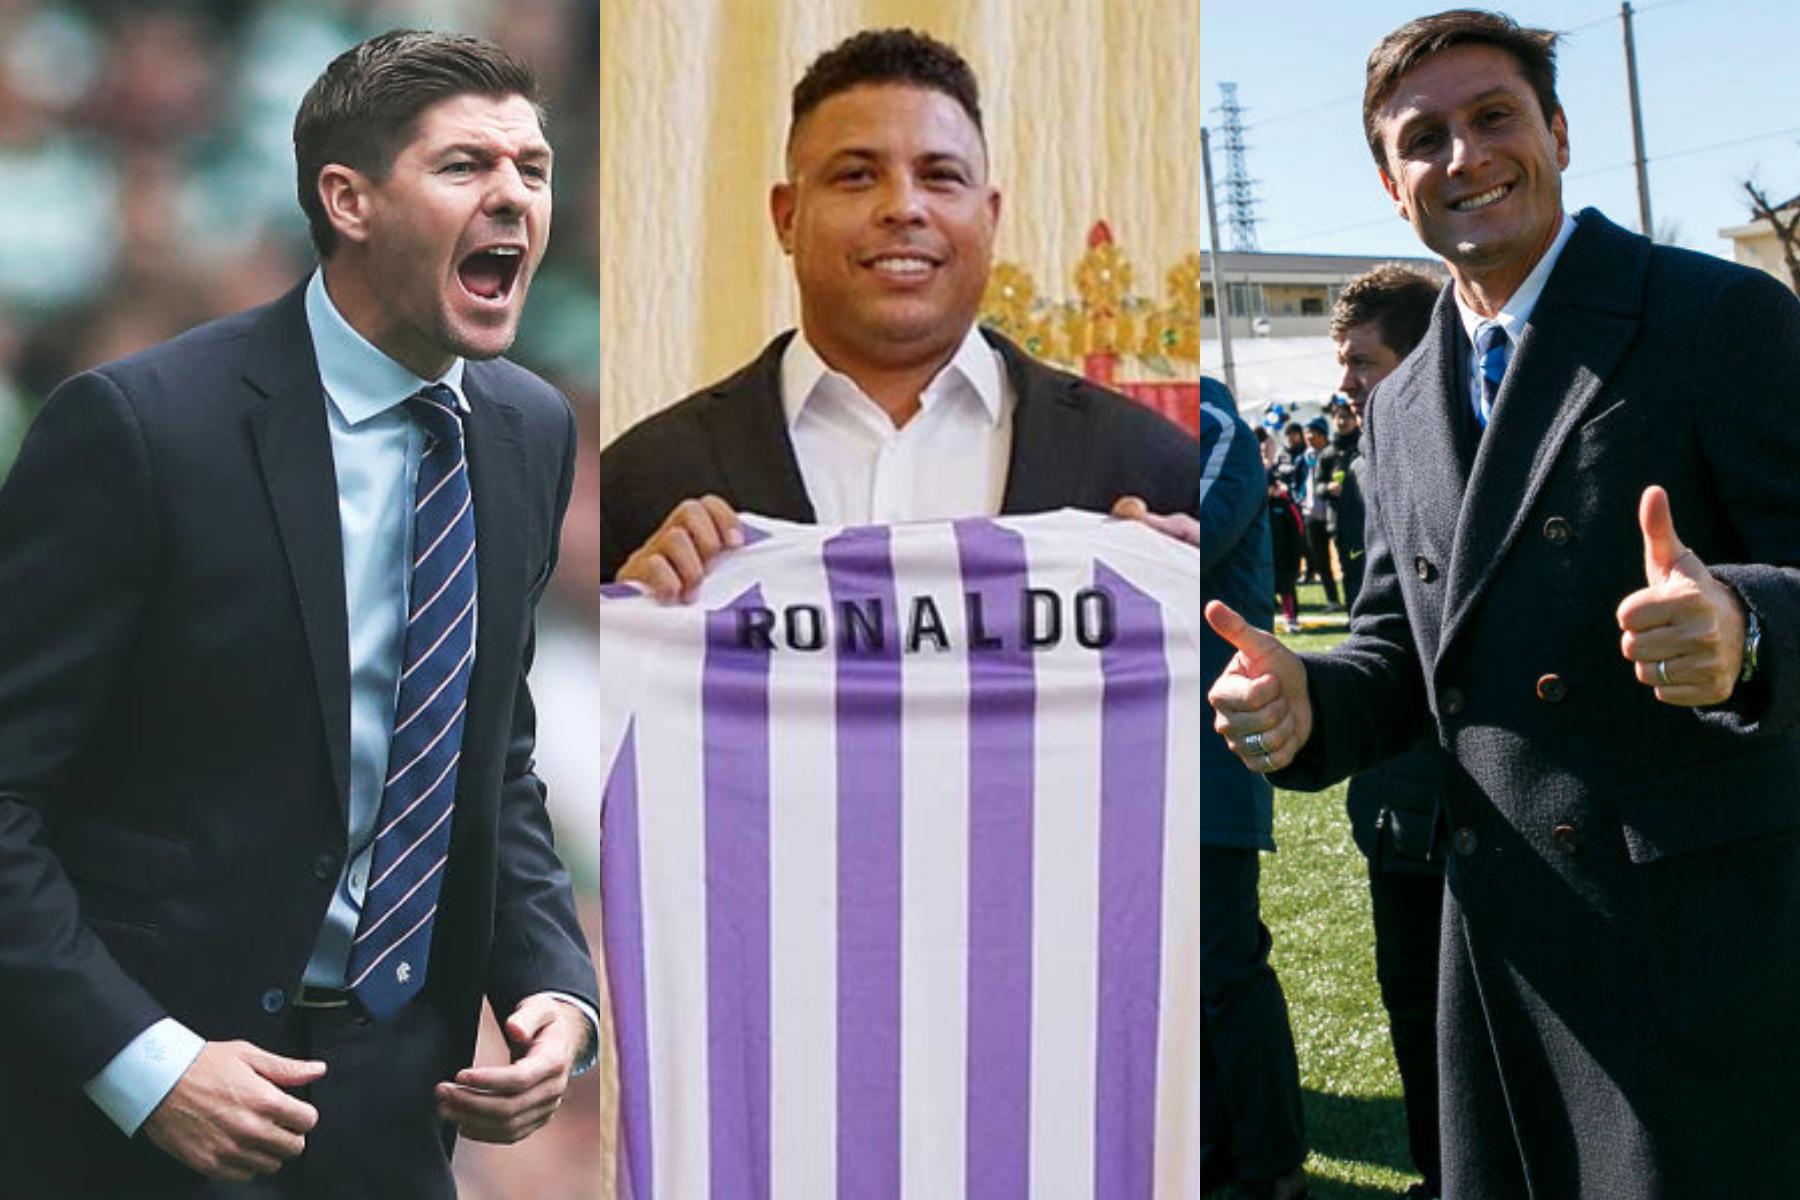 La pasión sigue: la vida en el fútbol de cracks mundiales del siglo XXI tras su retiro